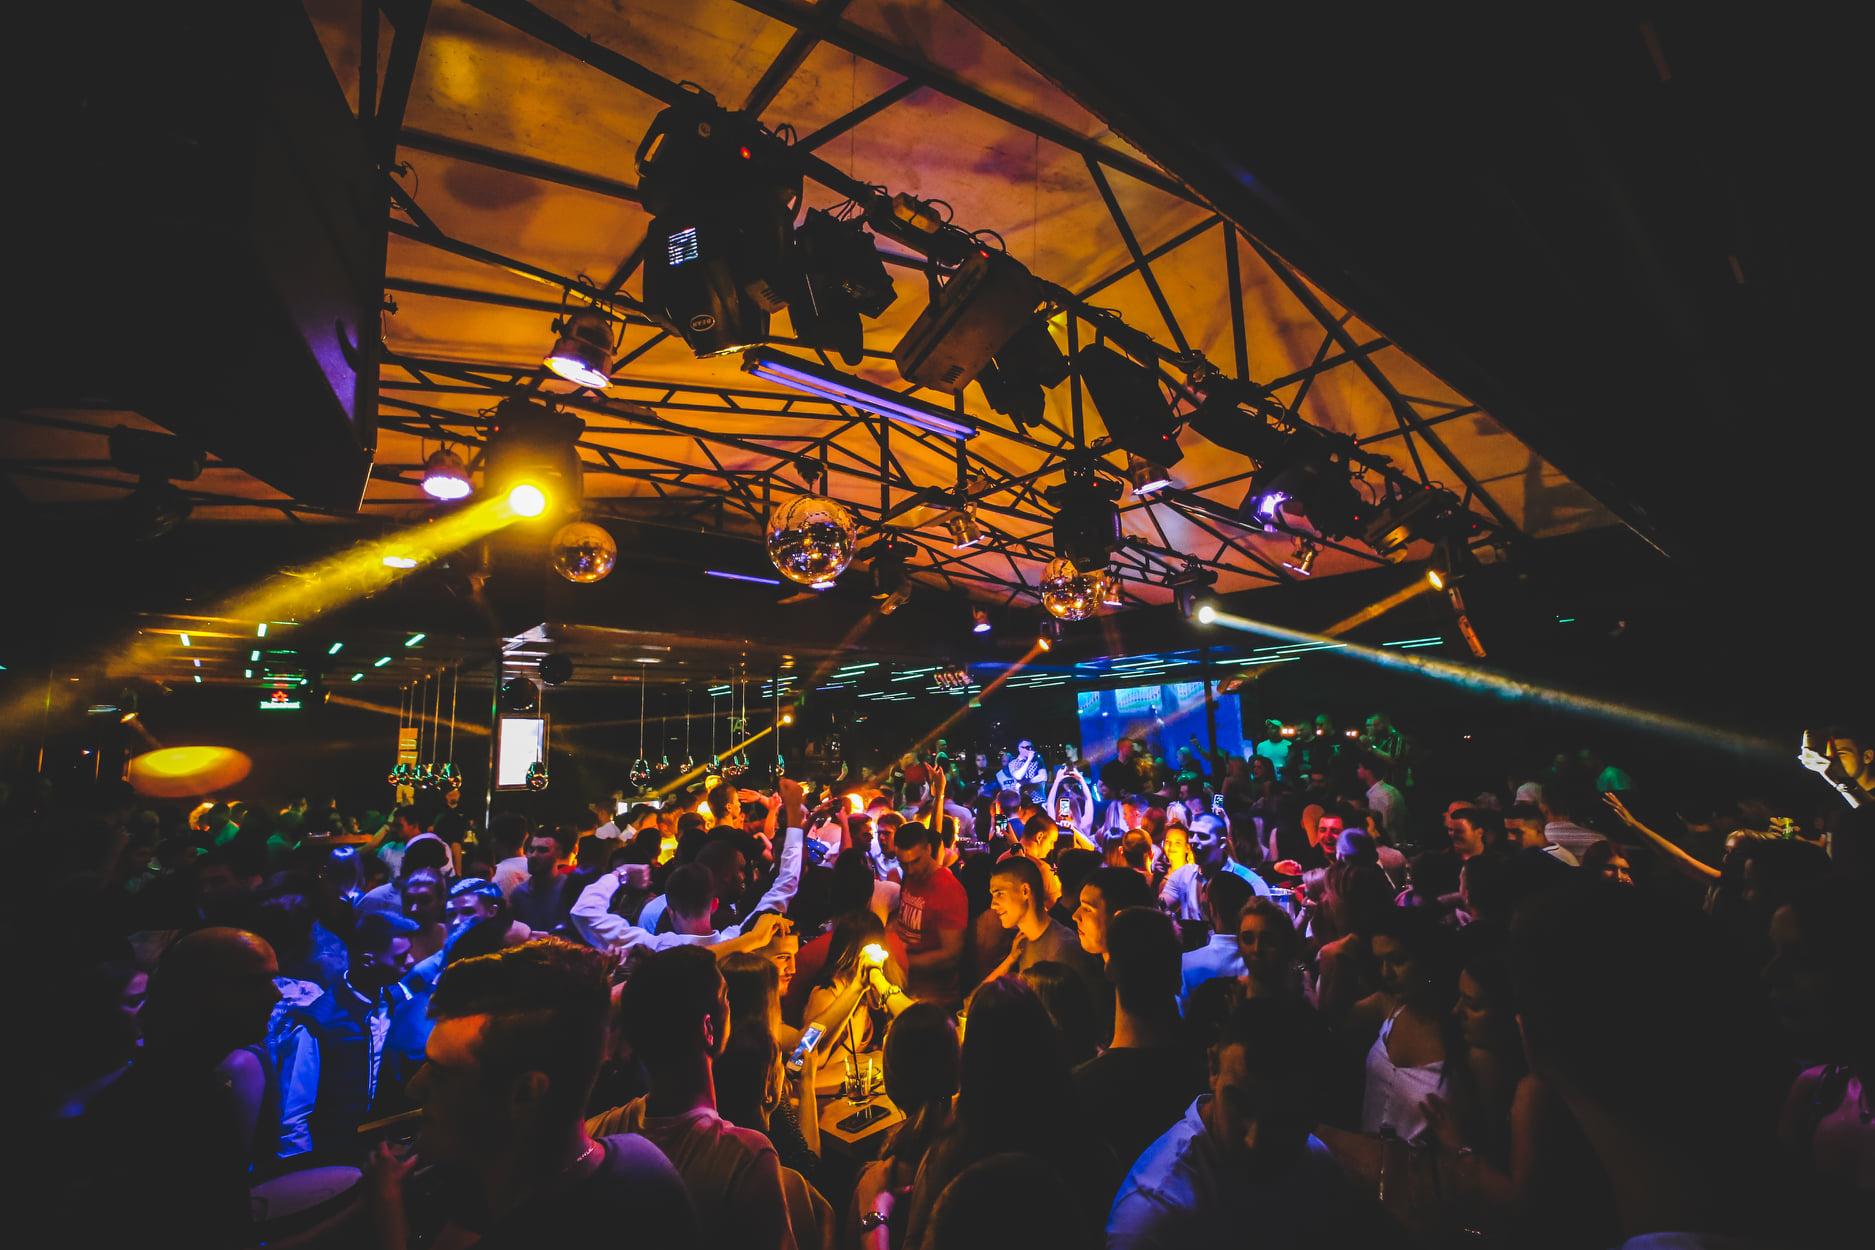 splav-tag-party-weekend